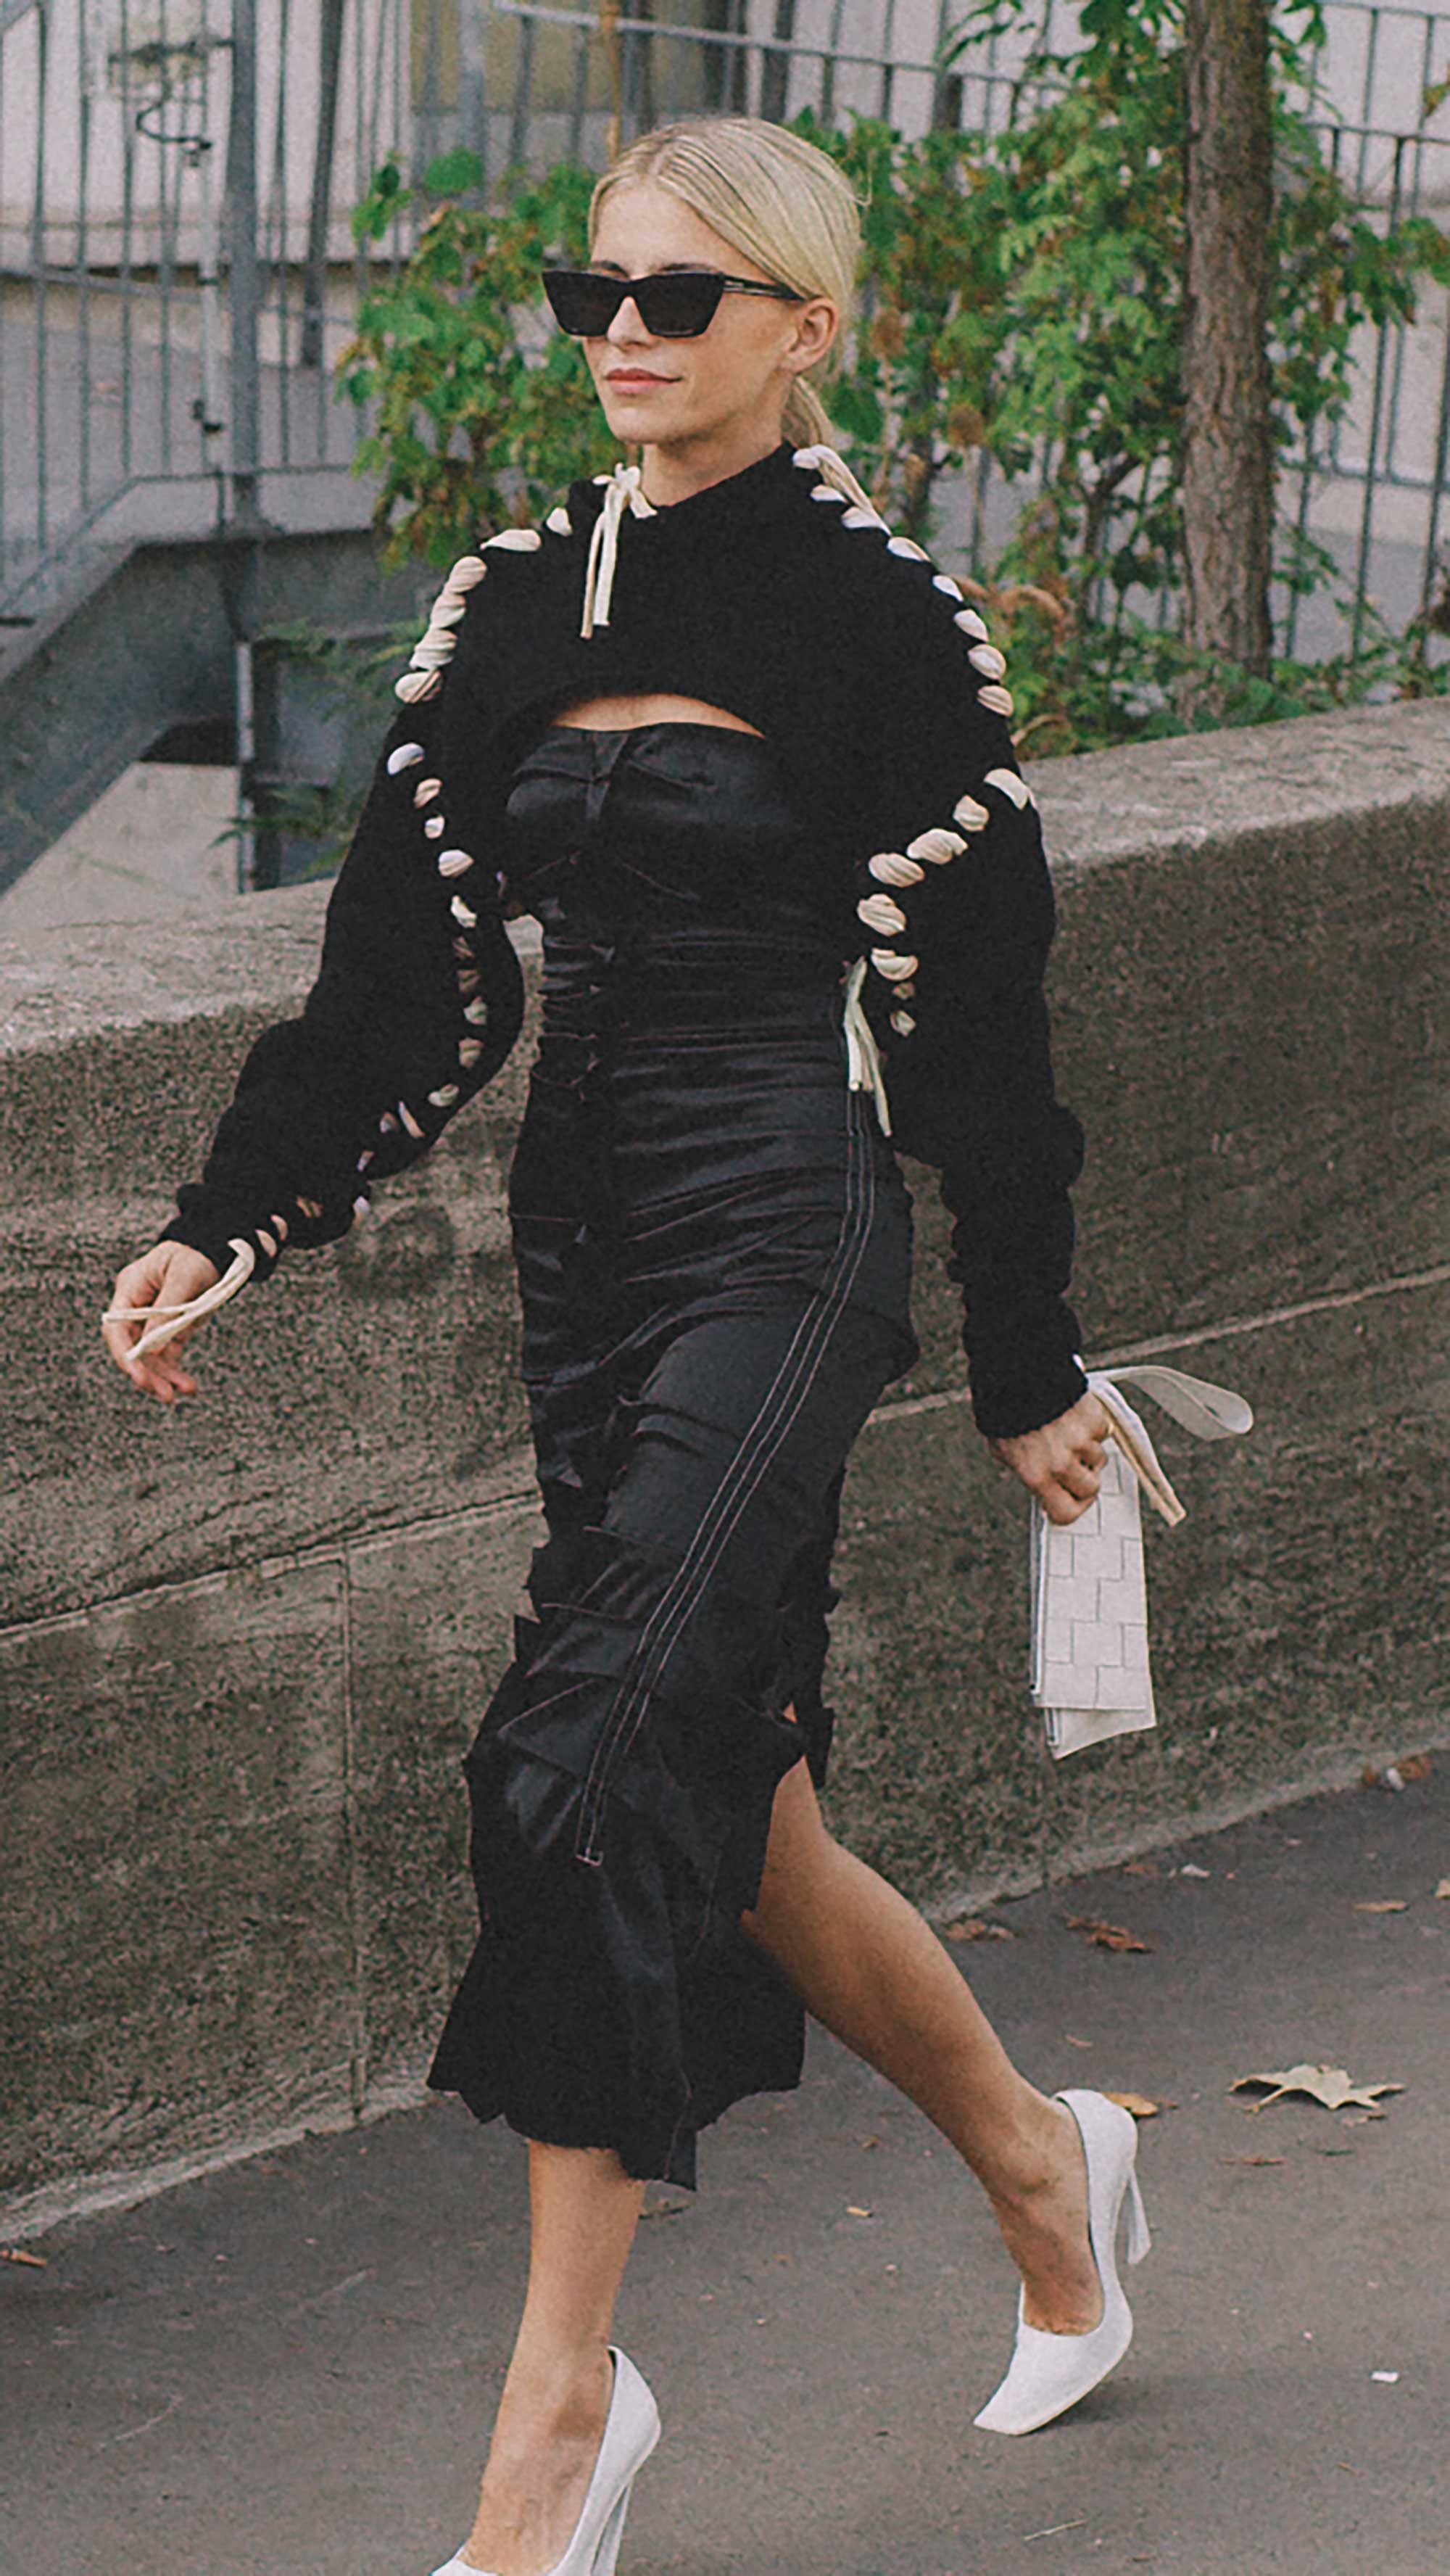 Best outfits of Paris Fashion Week street style 2019 day four PFW SS20 Photo by @J2martinez Jose J. Martinez -12.jpg